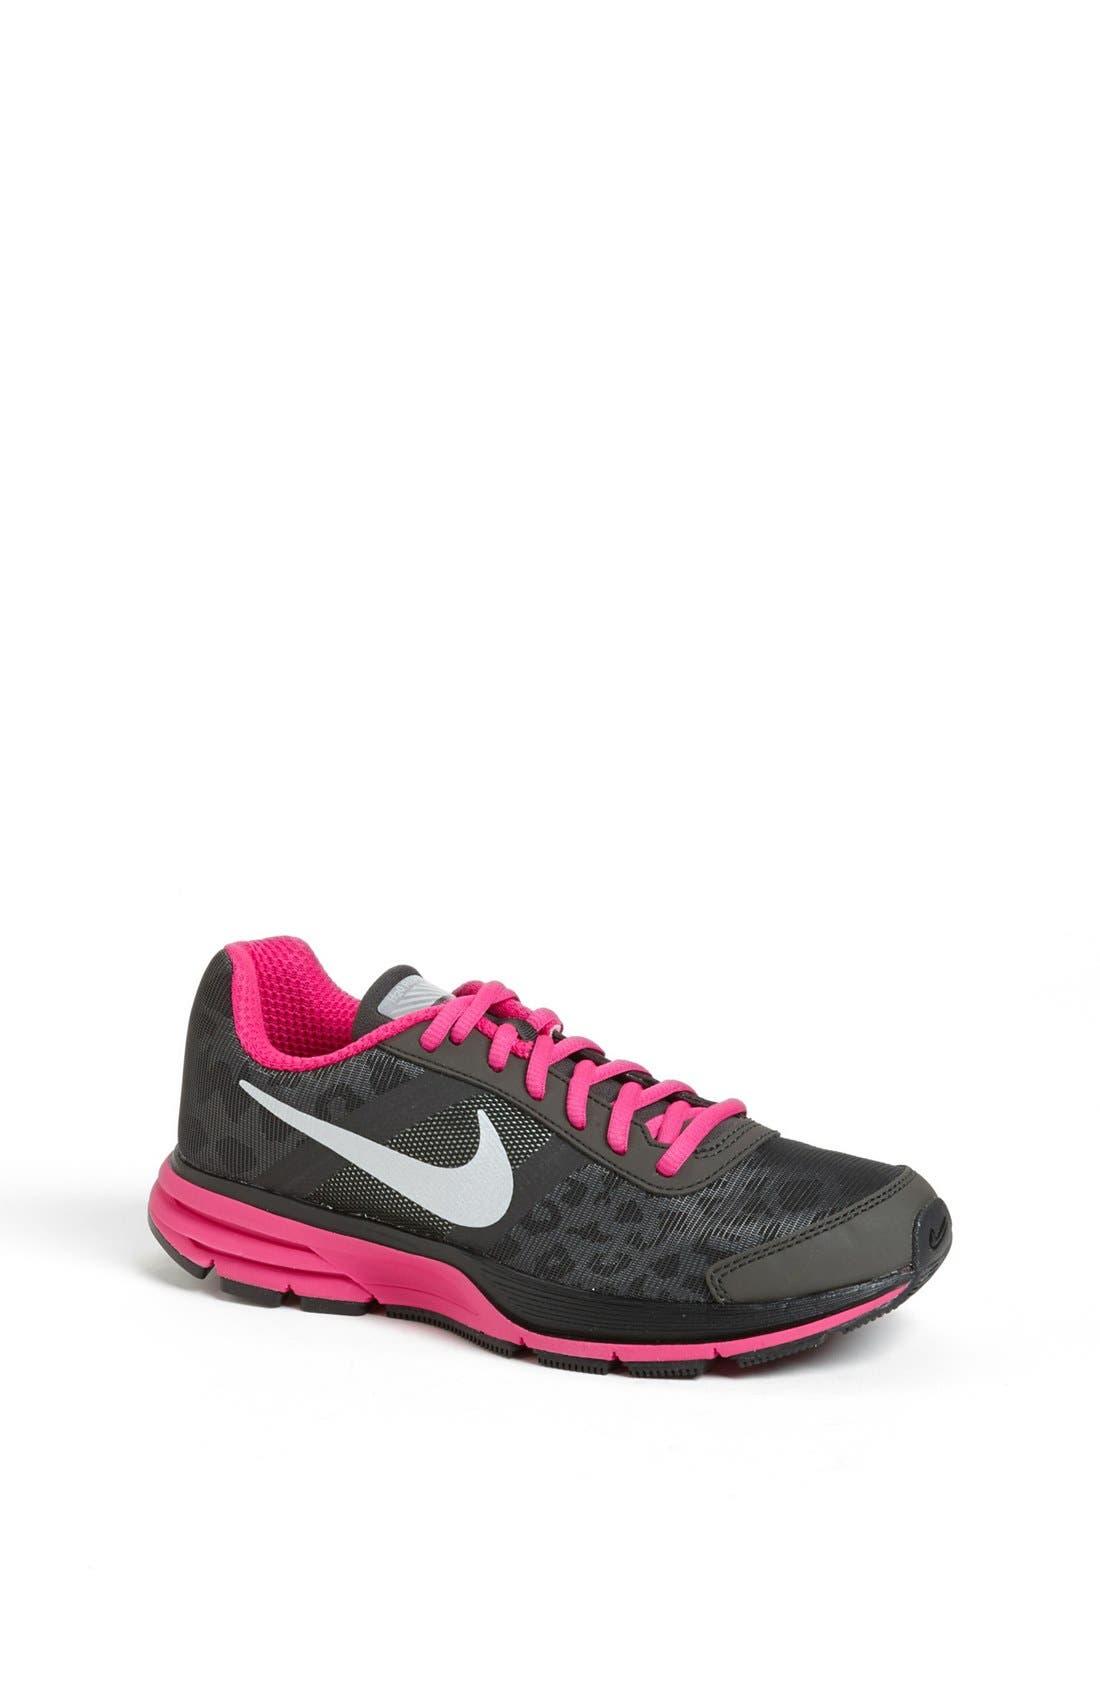 Main Image - Nike 'Air Pegasus+ 30 Shield' Running Shoe (Little Kid & Big Kid)